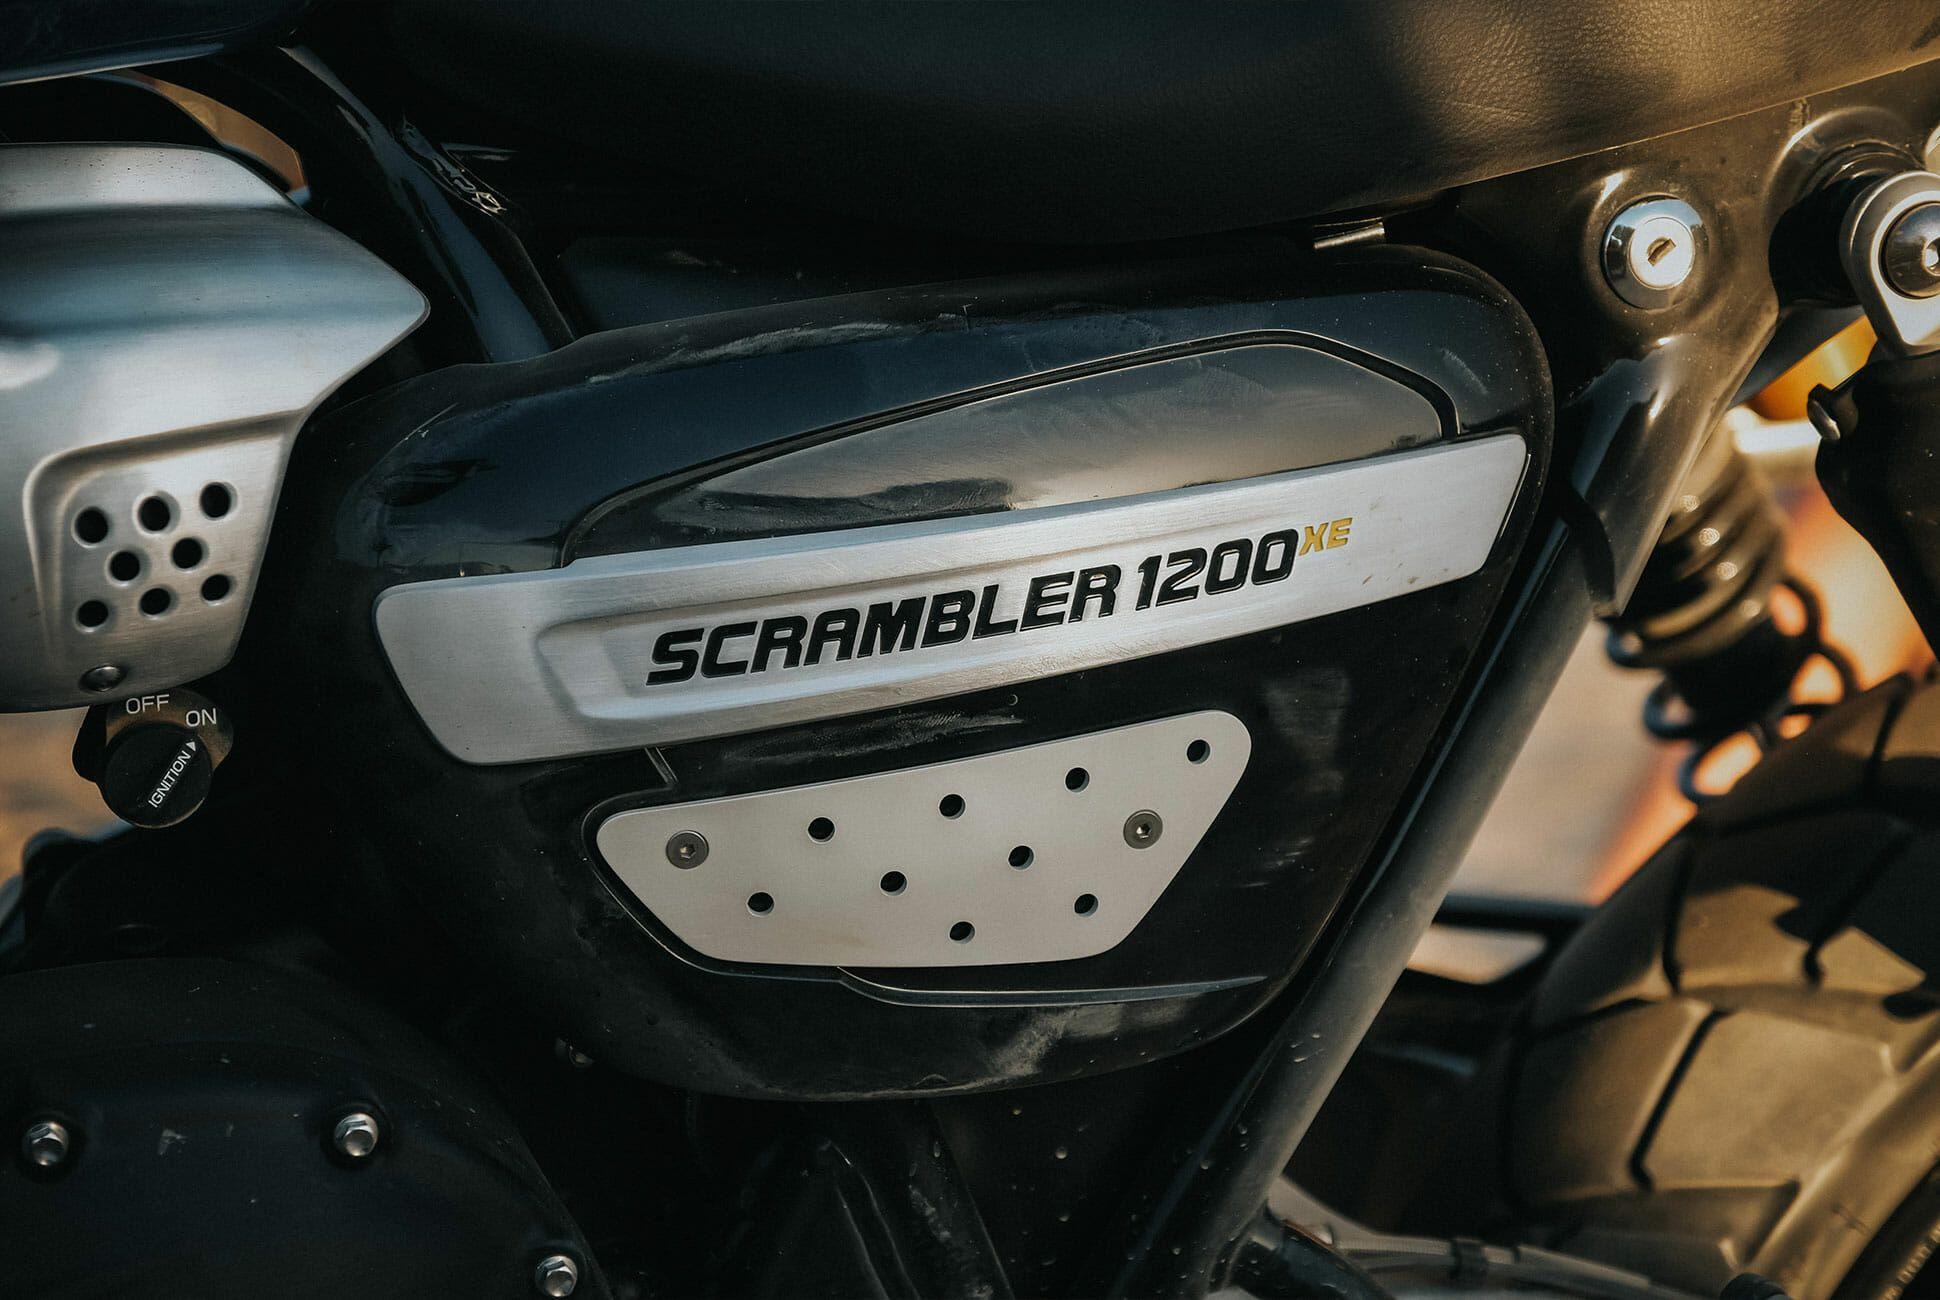 2019-Triumph-Scrambler-1200-XE-Review-Gear-Patrol-slide-8